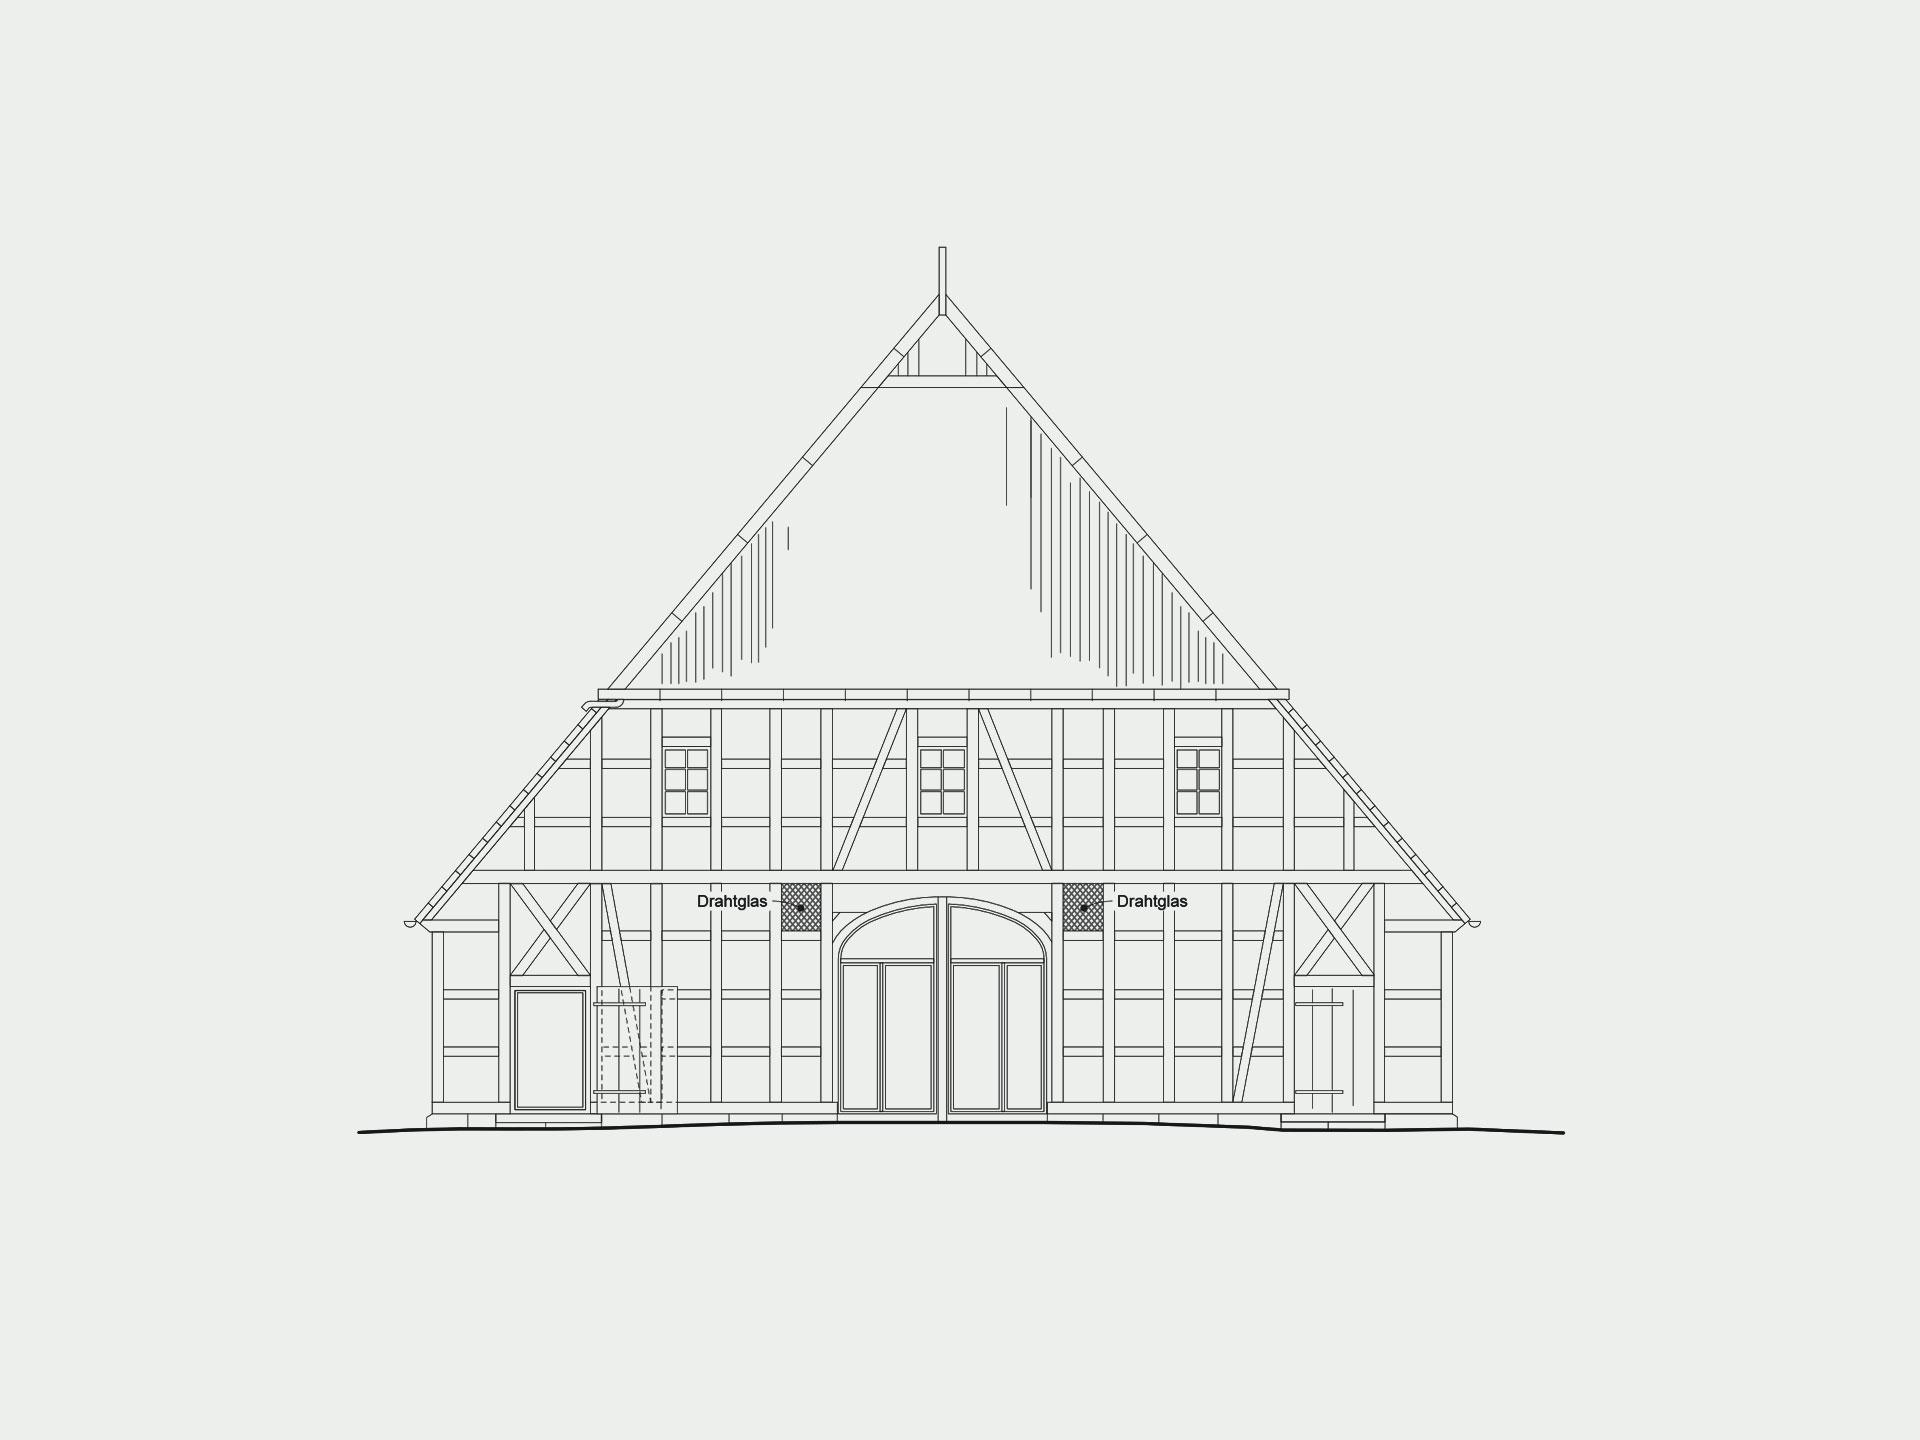 Bauplan Fachwerkhaus unsere projekte baugestaltung übersicht